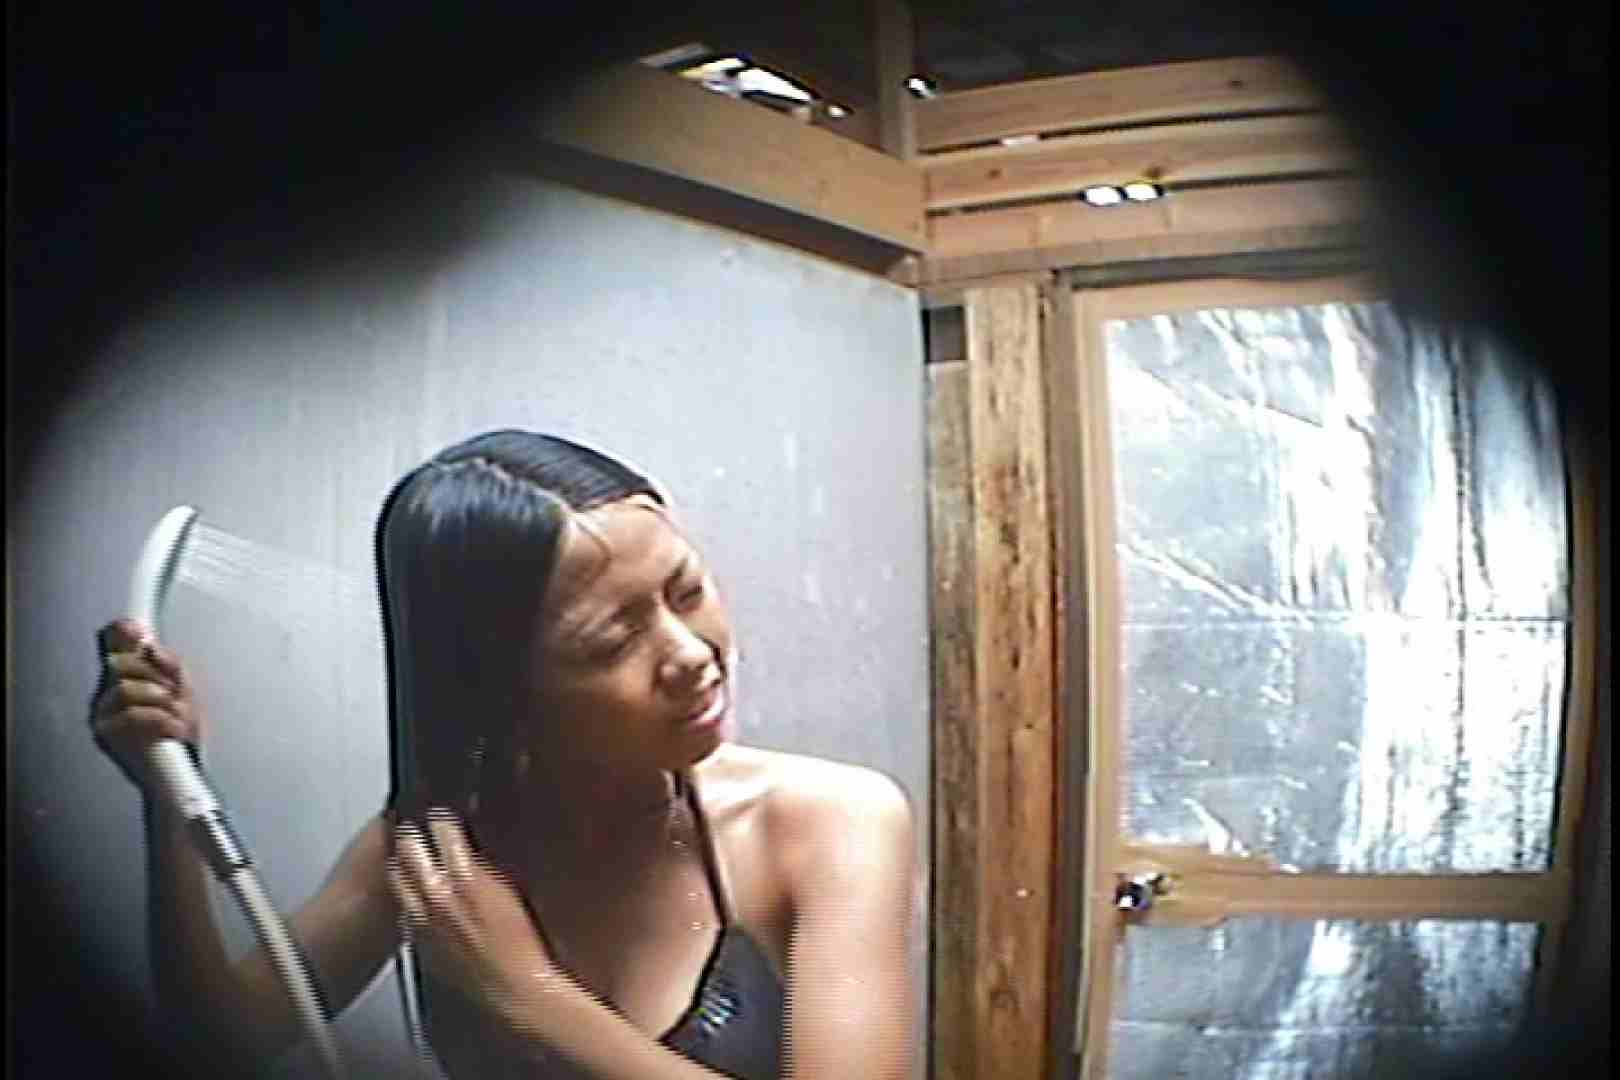 海の家の更衣室 Vol.45 美女 | シャワー  76枚 37